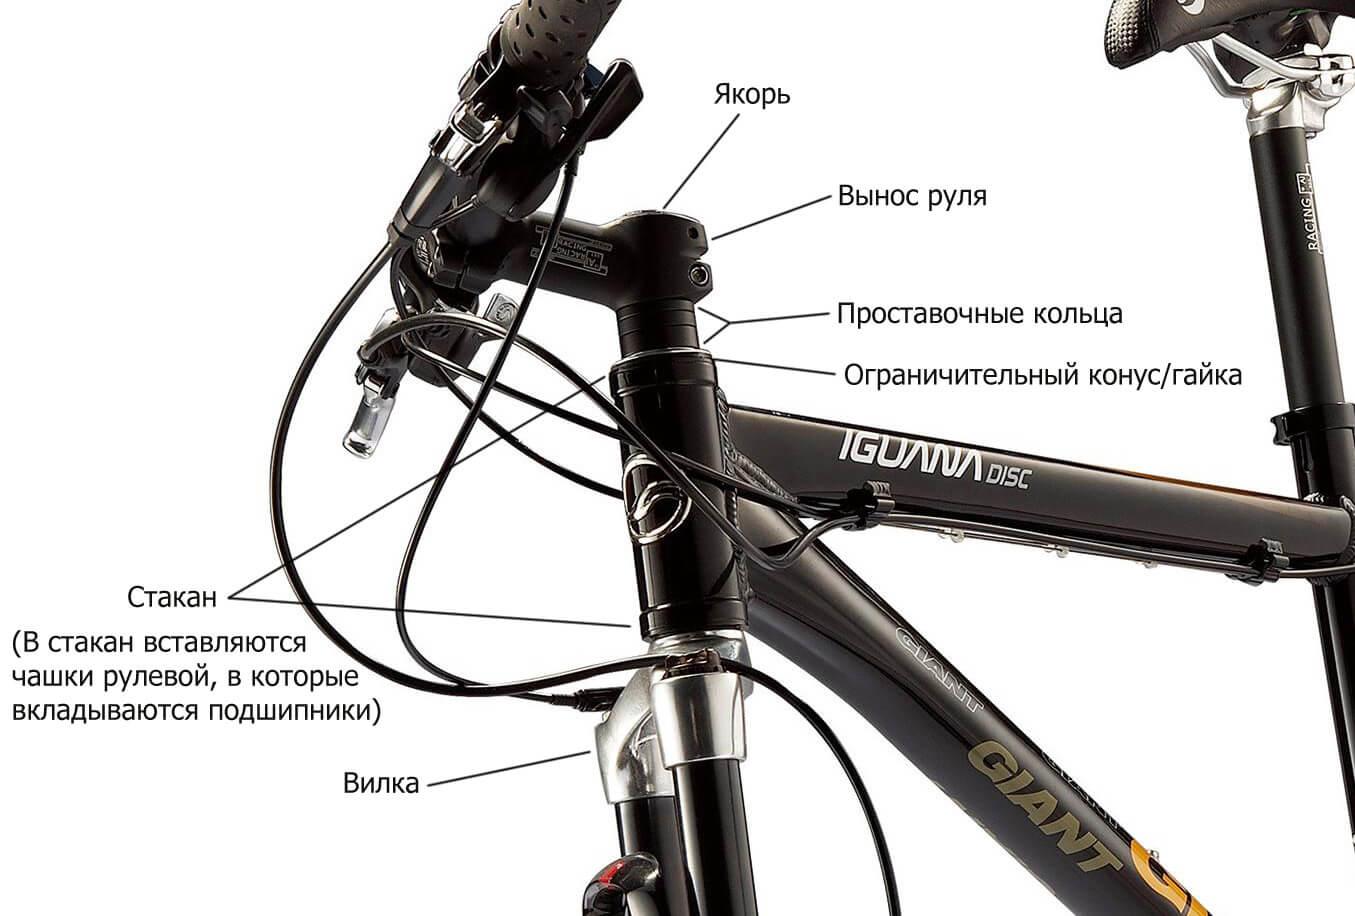 Ремонт велосипедов своими руками вилка